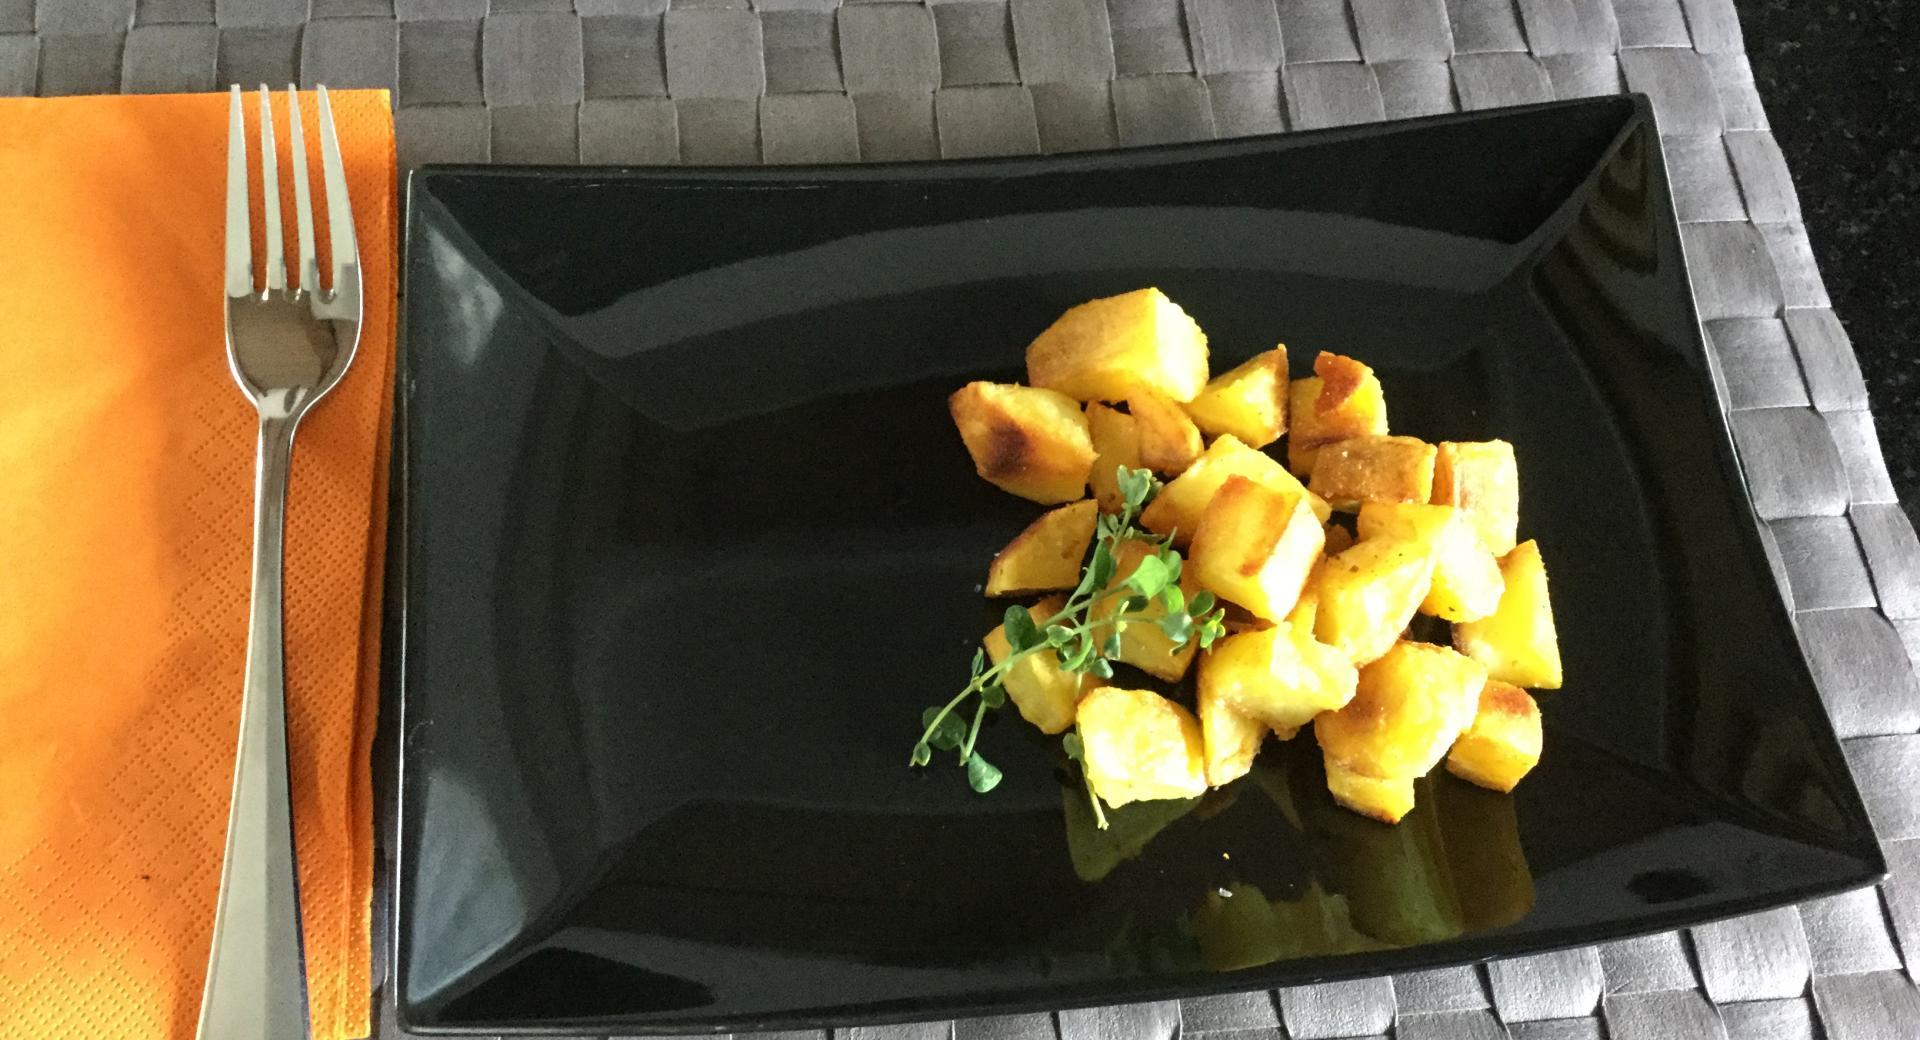 Bratkartoffeln wie sie sein sollten